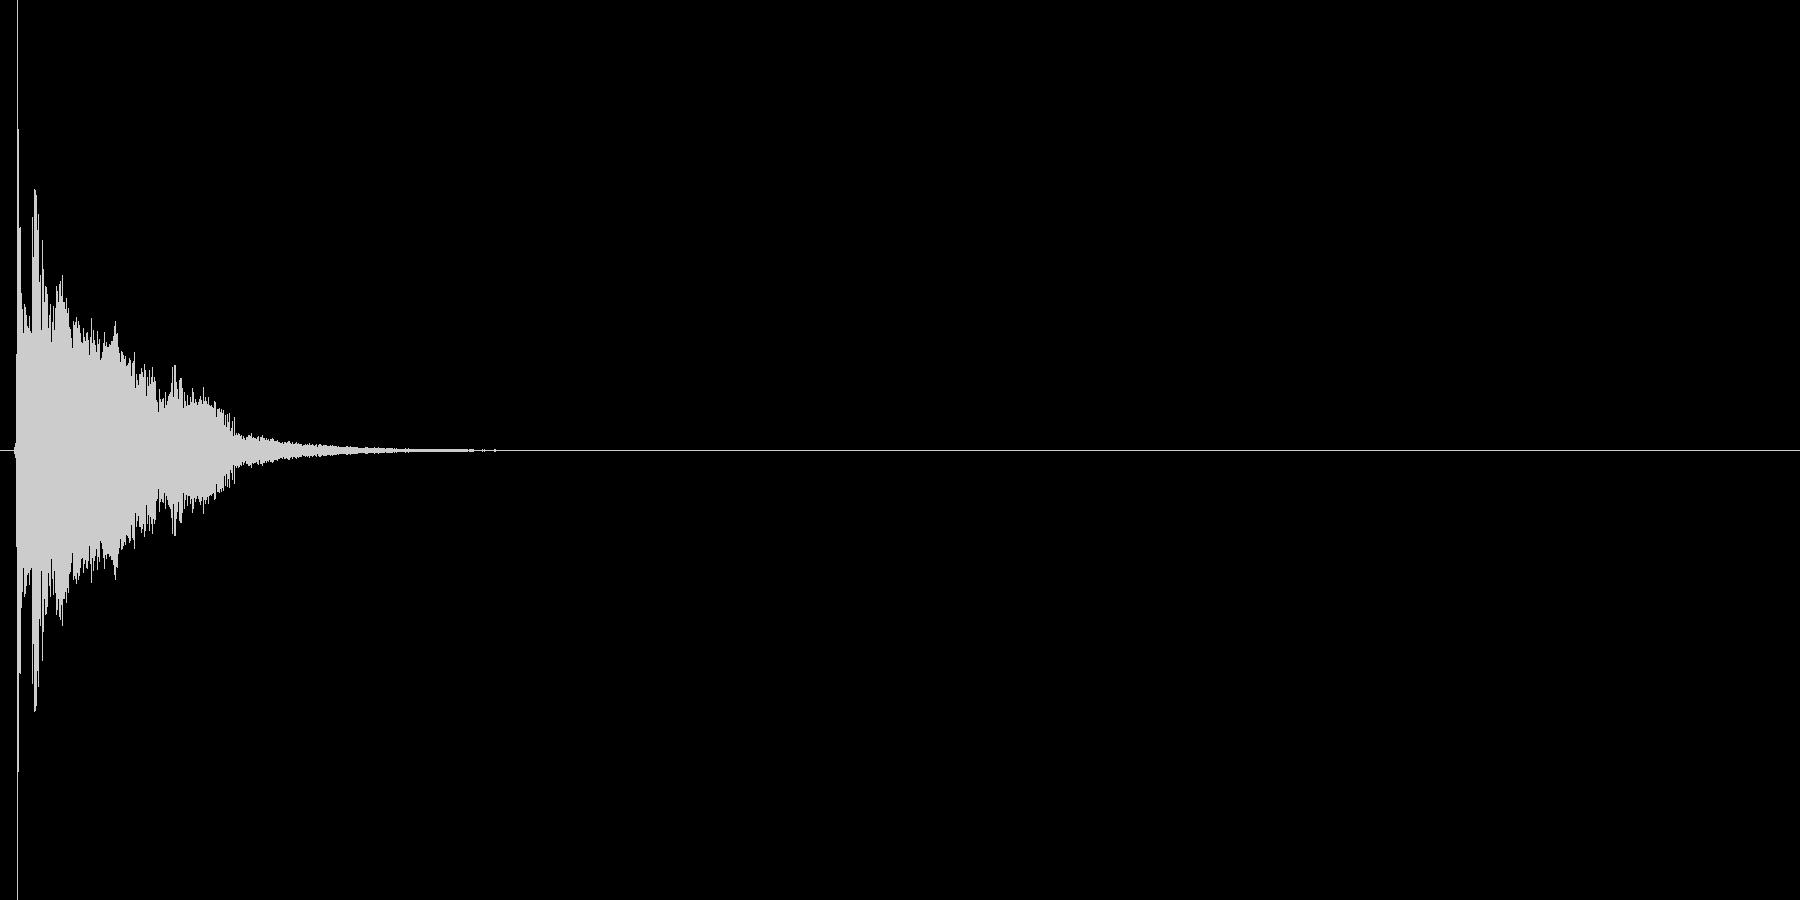 ピュン(逃走、逃げる、ダッシュ)の未再生の波形